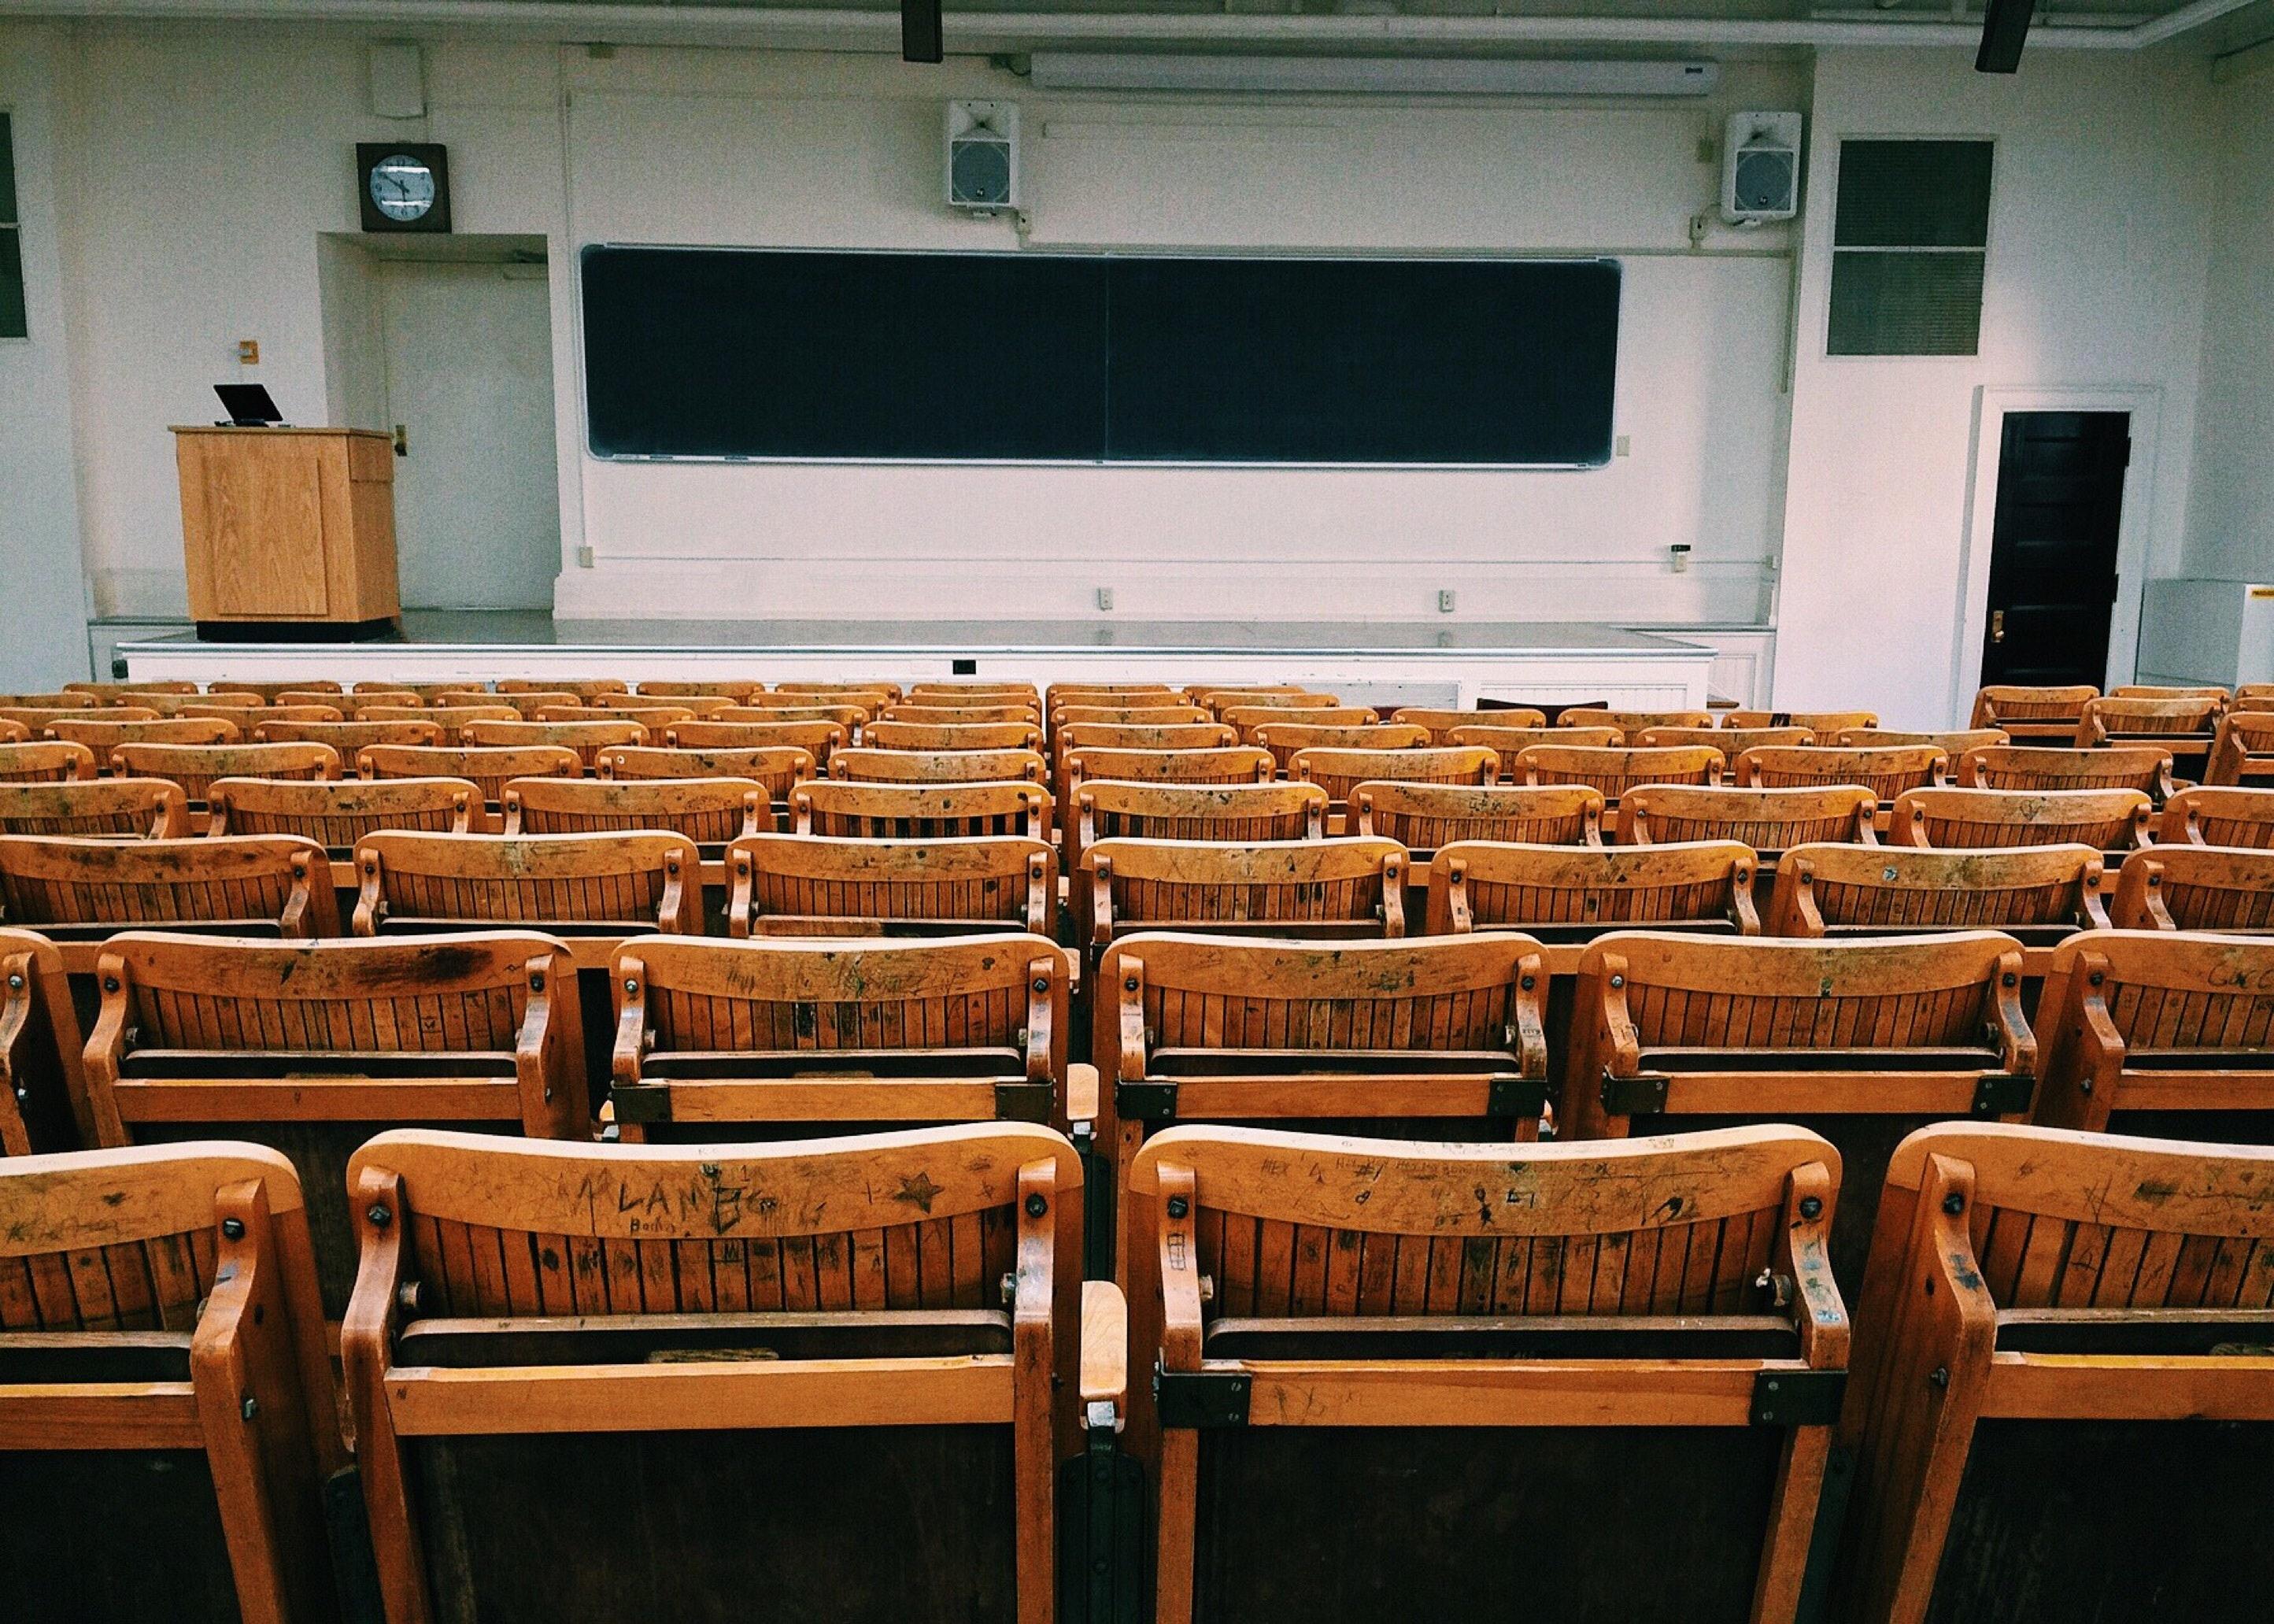 Szkolenie z wystąpień publicznych – trzy powody, dla których warto uczyć się występować publicznie